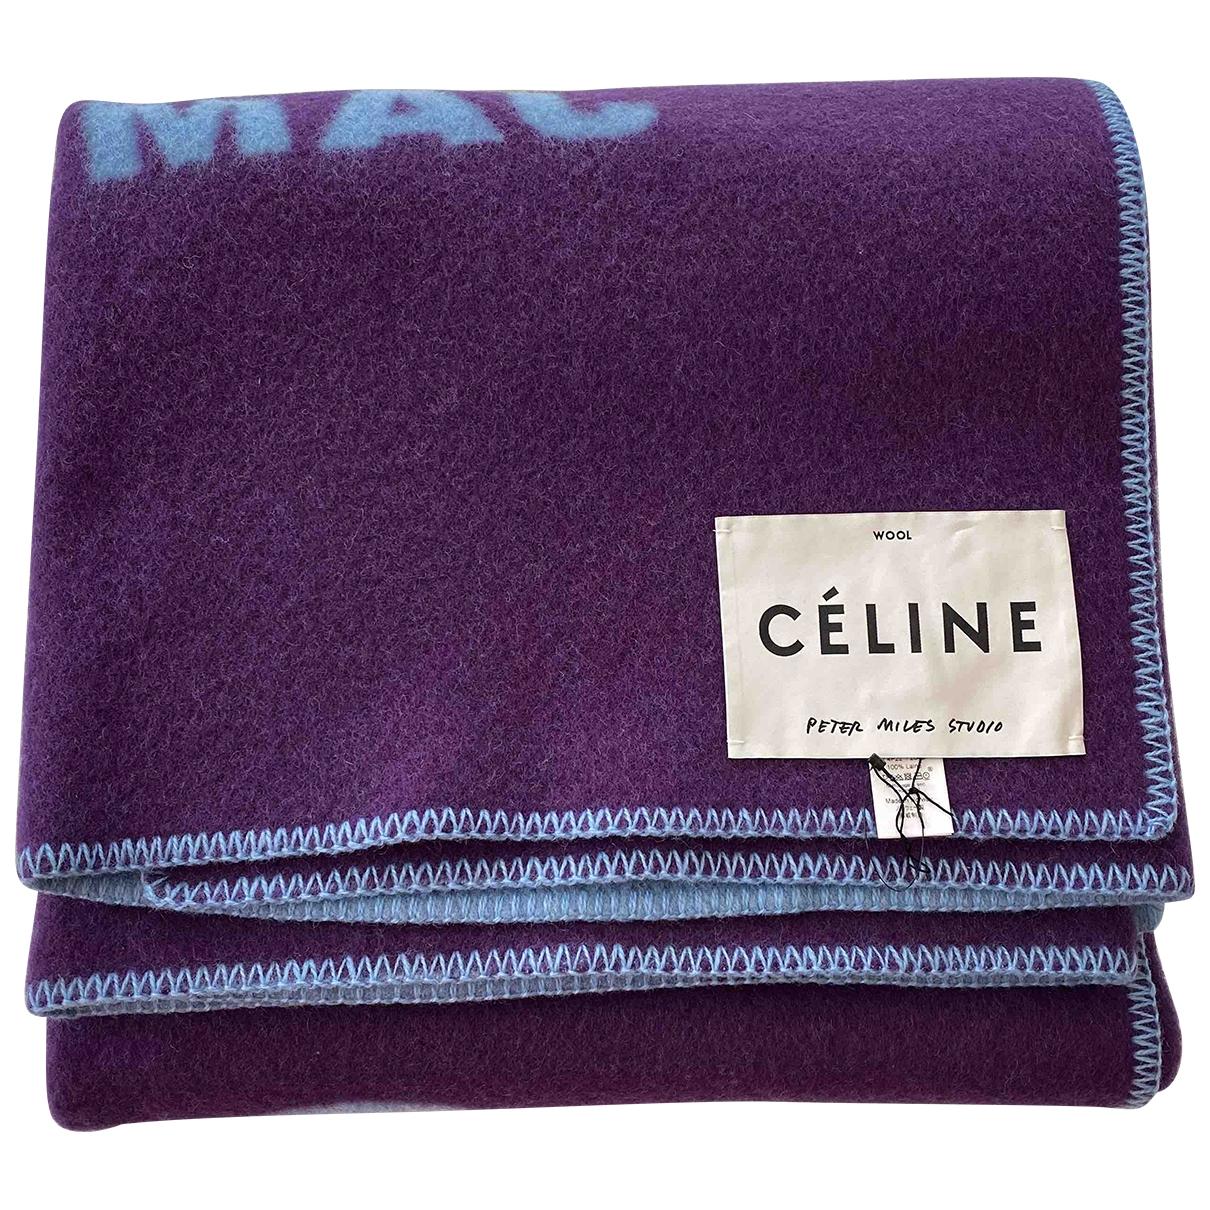 Celine - Linge de maison   pour lifestyle en laine - bleu